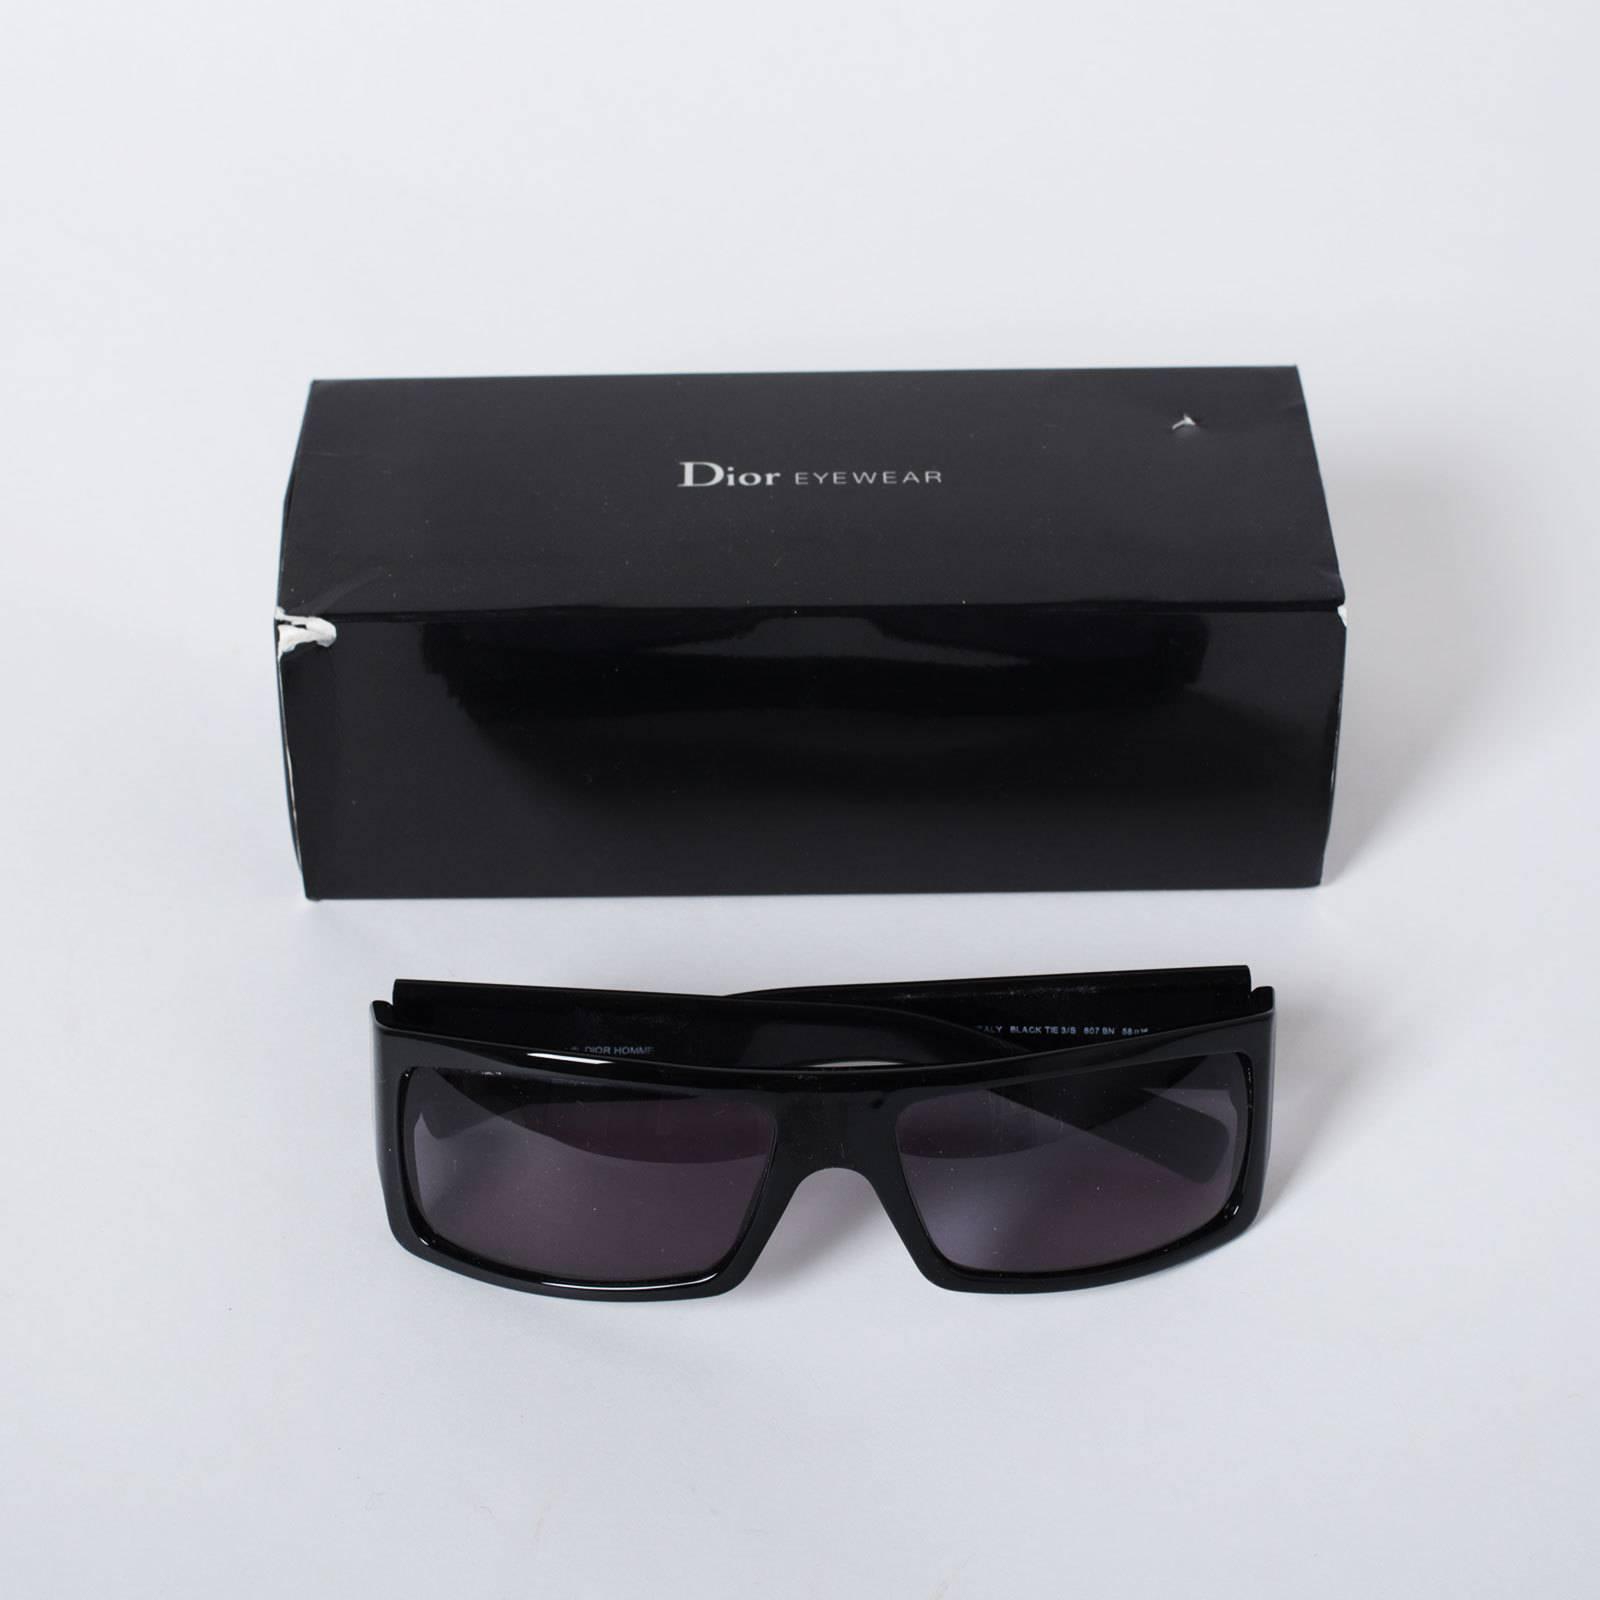 Купить очки Dior в Москве с доставкой по цене 7000 рублей   Second ... 133866dfe21